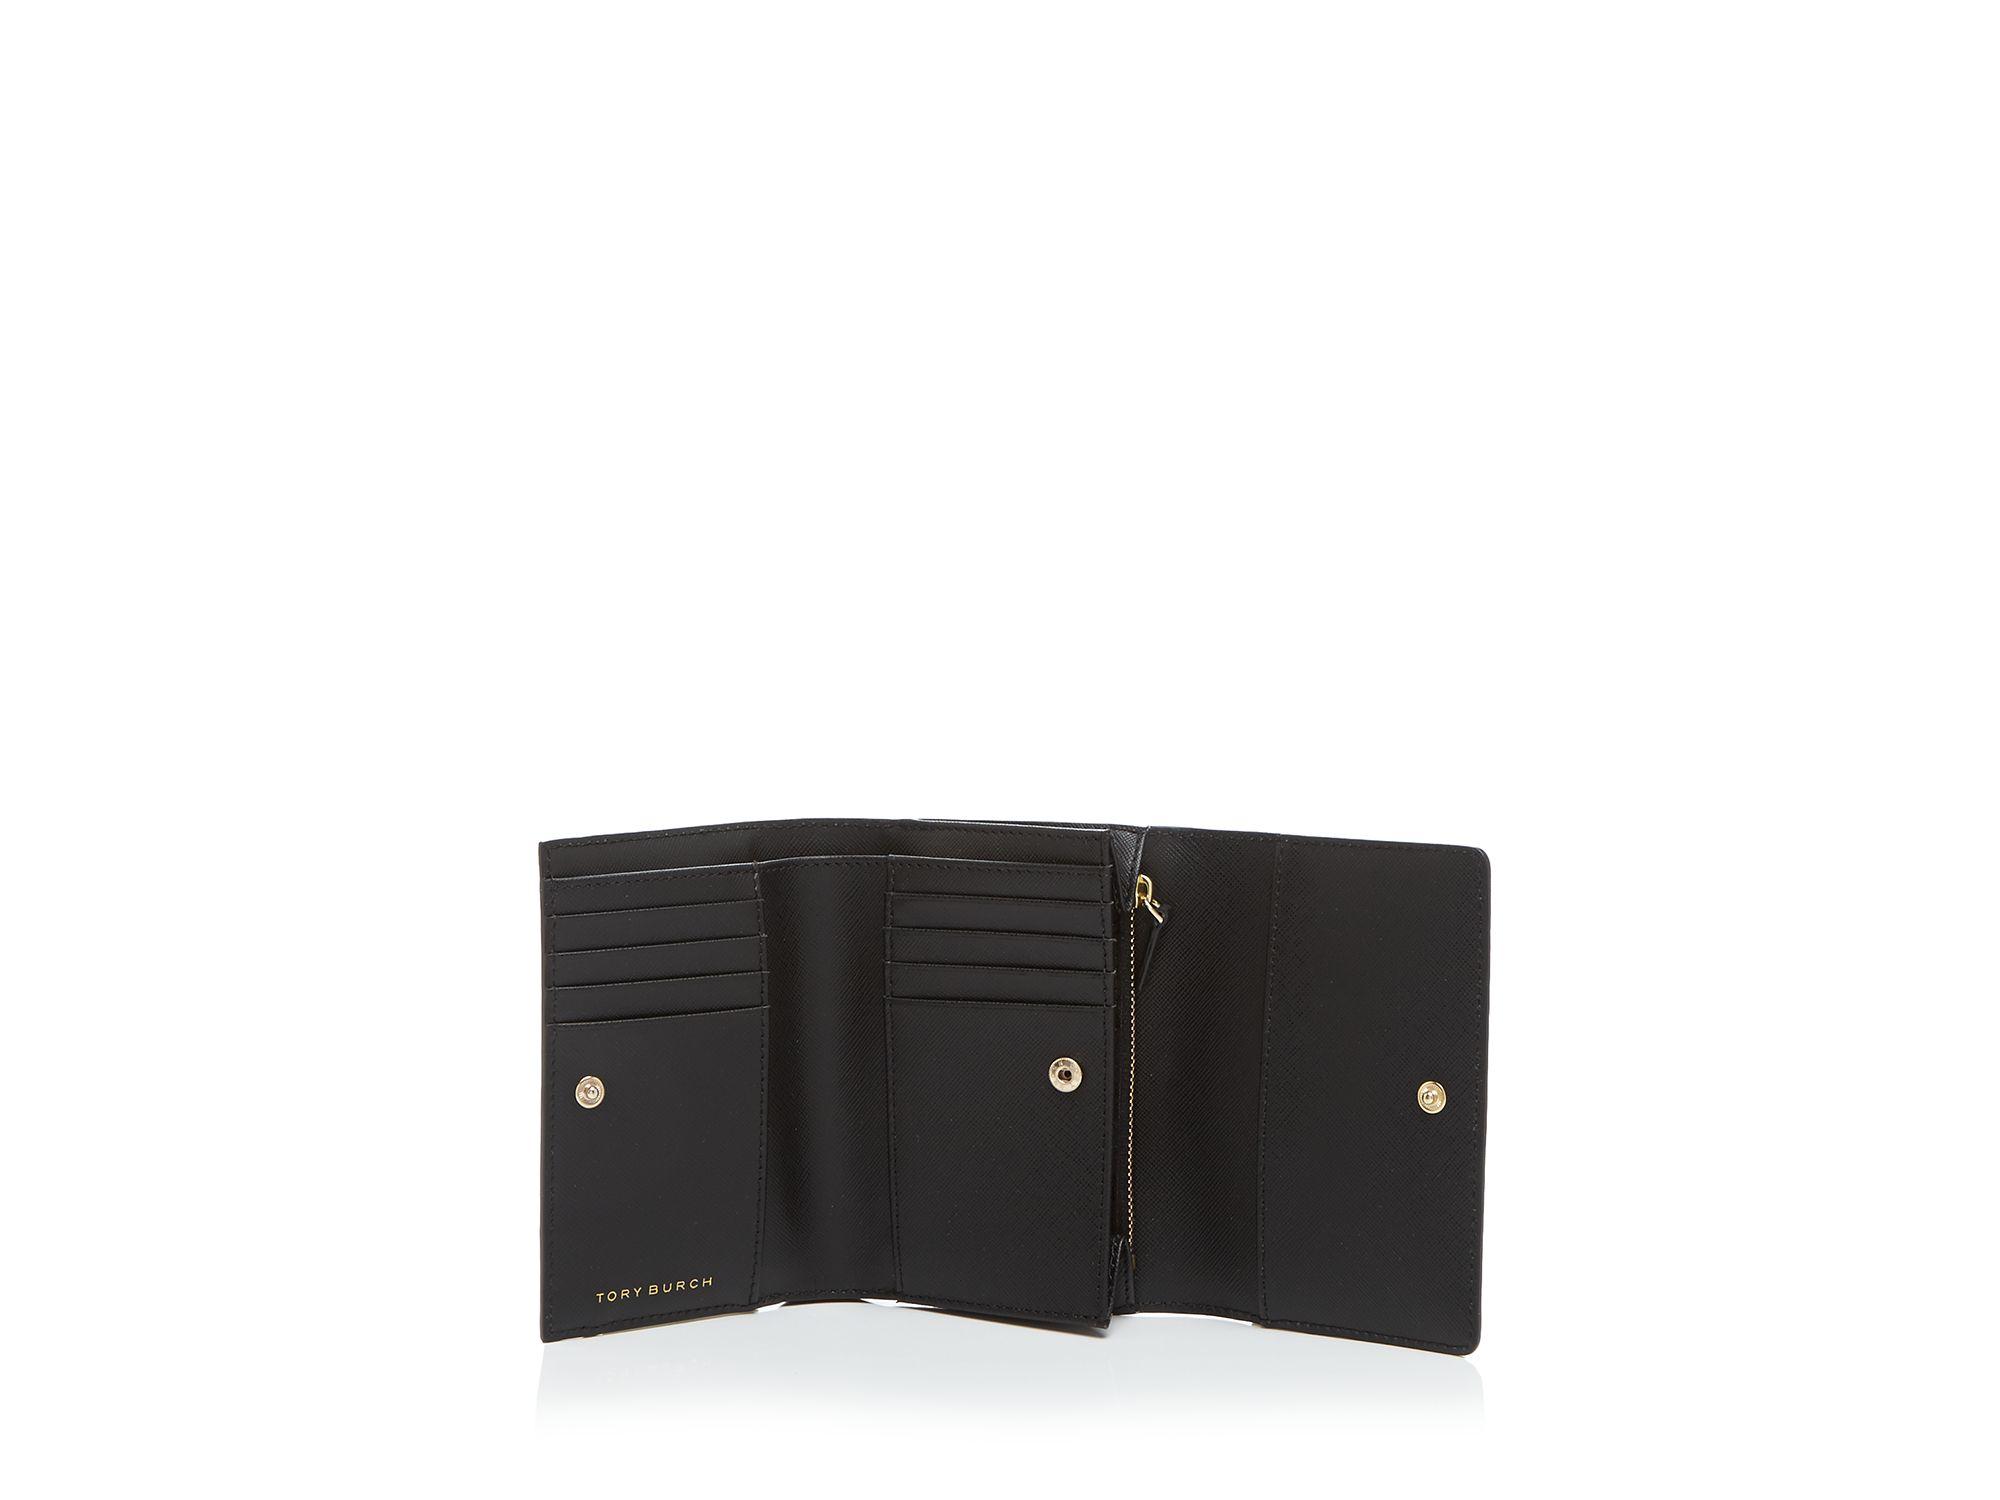 Lyst - Tory burch Wallet - Robinson Medium Flap Tri-fold in Brown